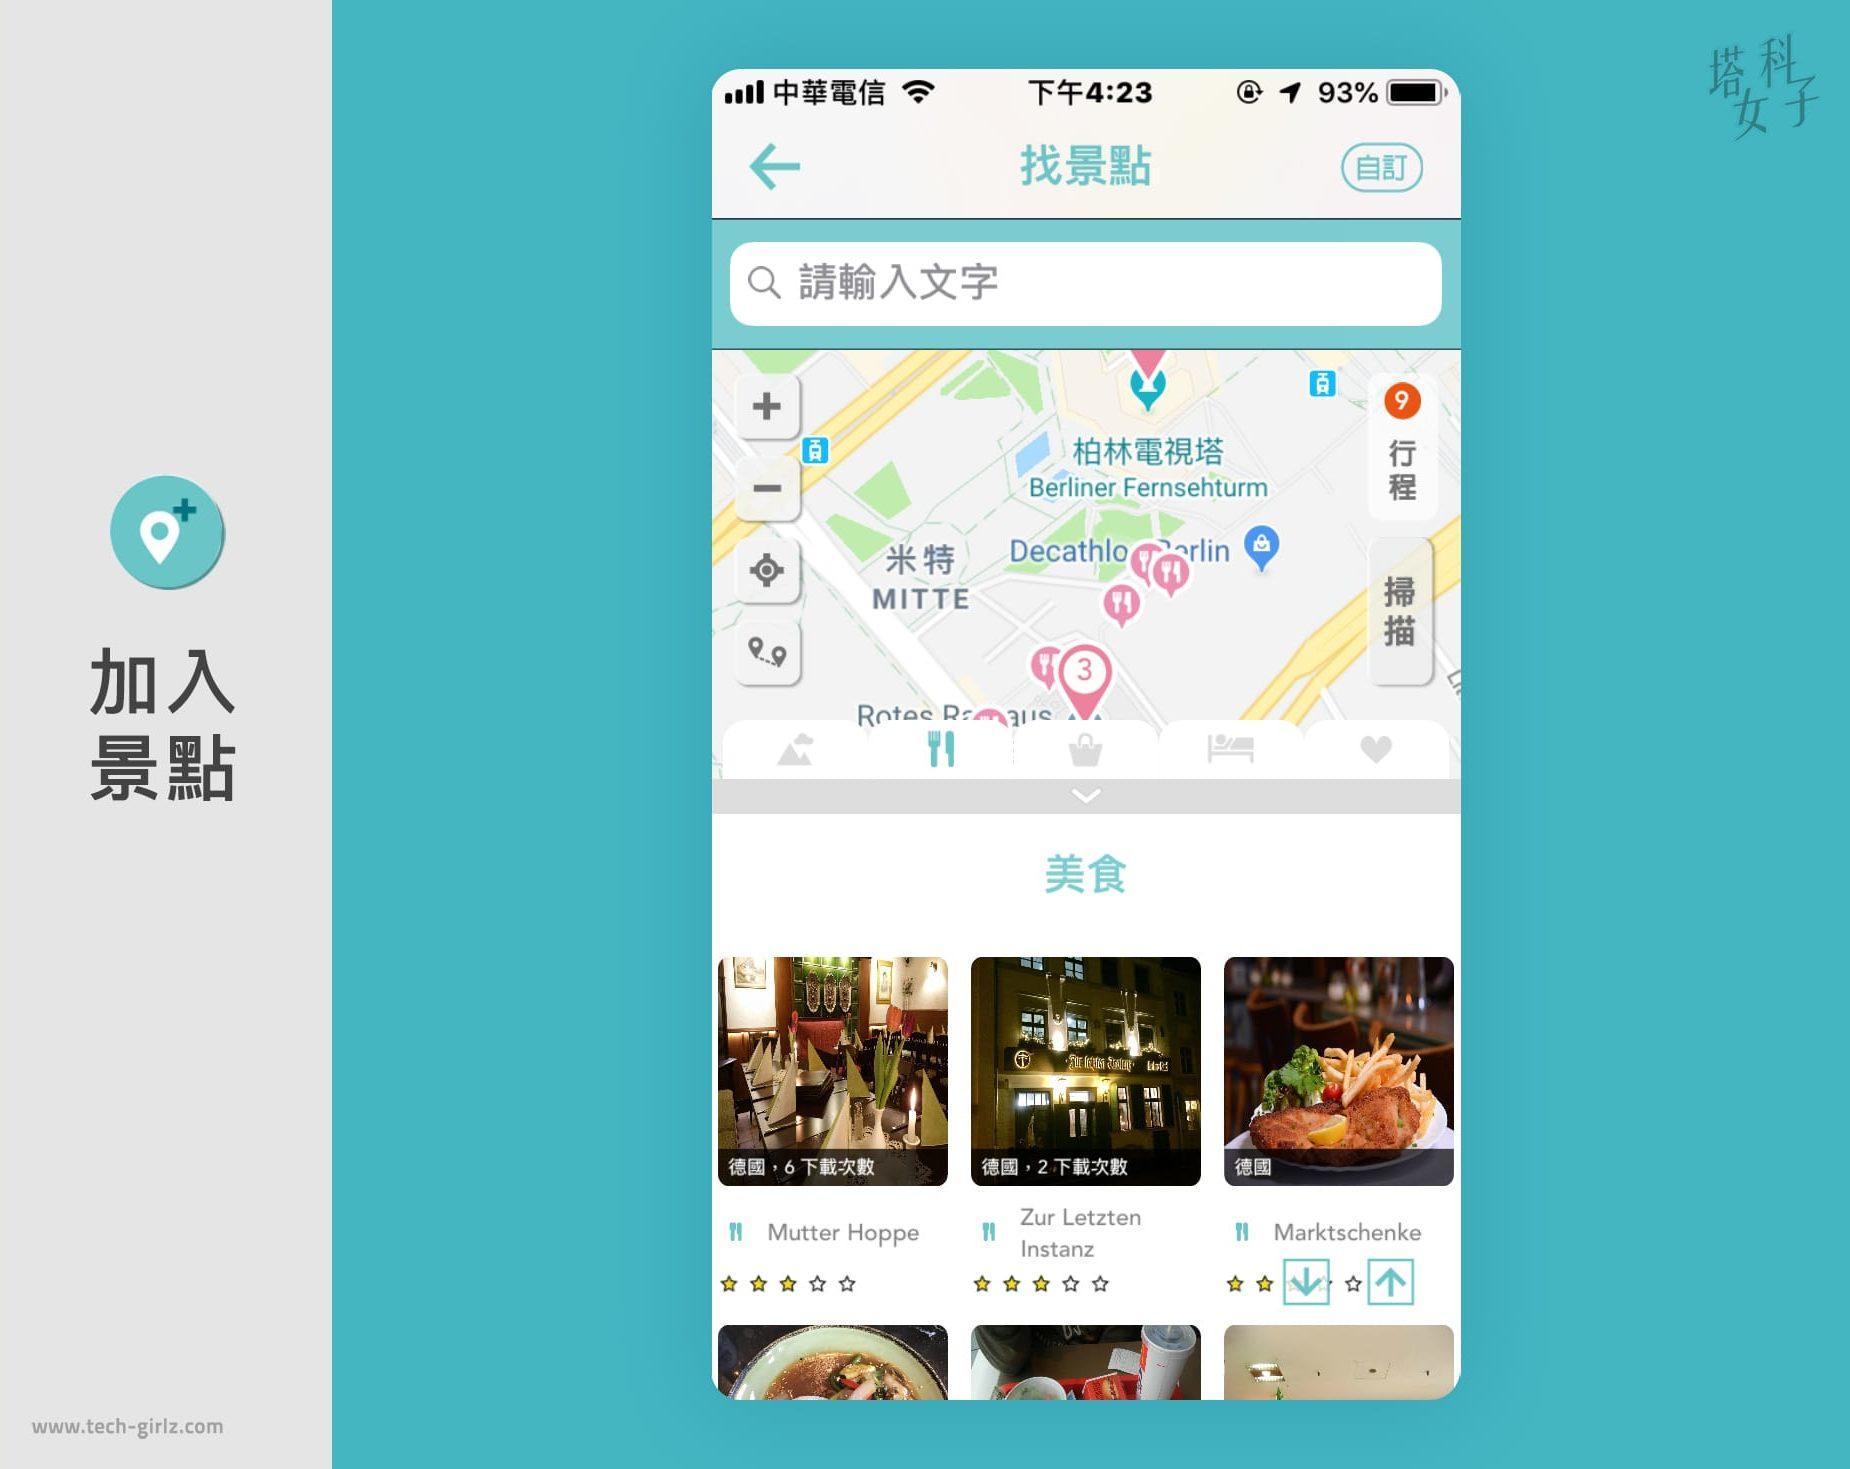 旅遊 APP 推薦 - 旅行蹤 - 加餐廳